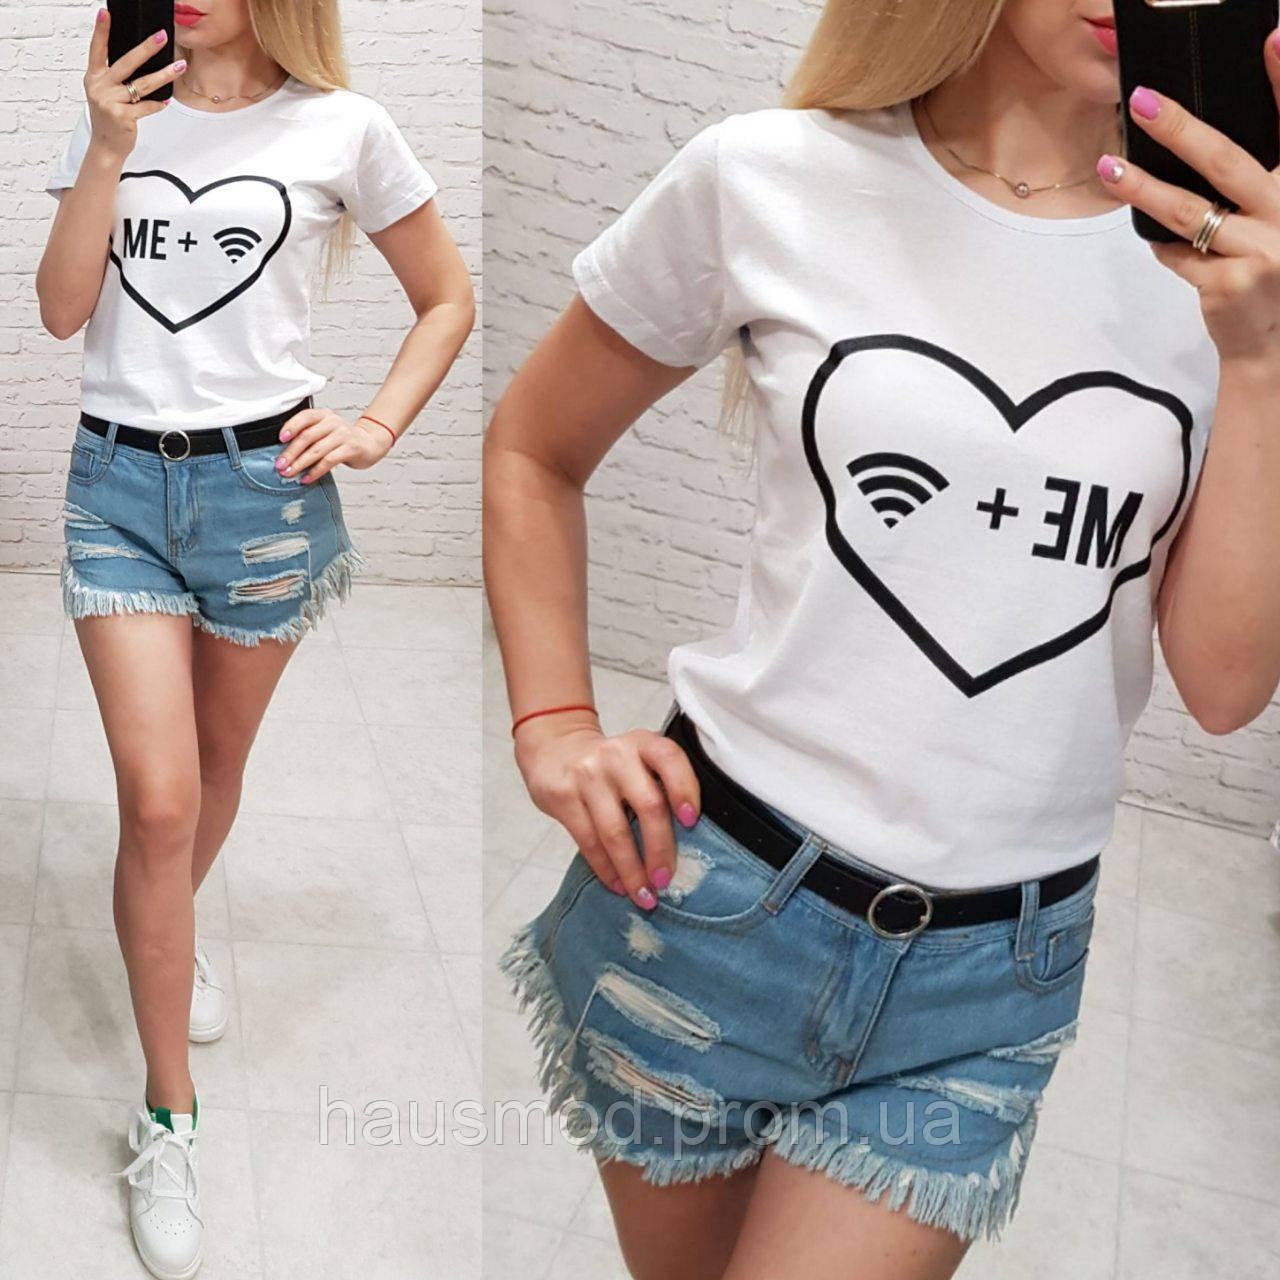 Женская футболка летняя качество Me + Wifi турция 100% катон цвет белый